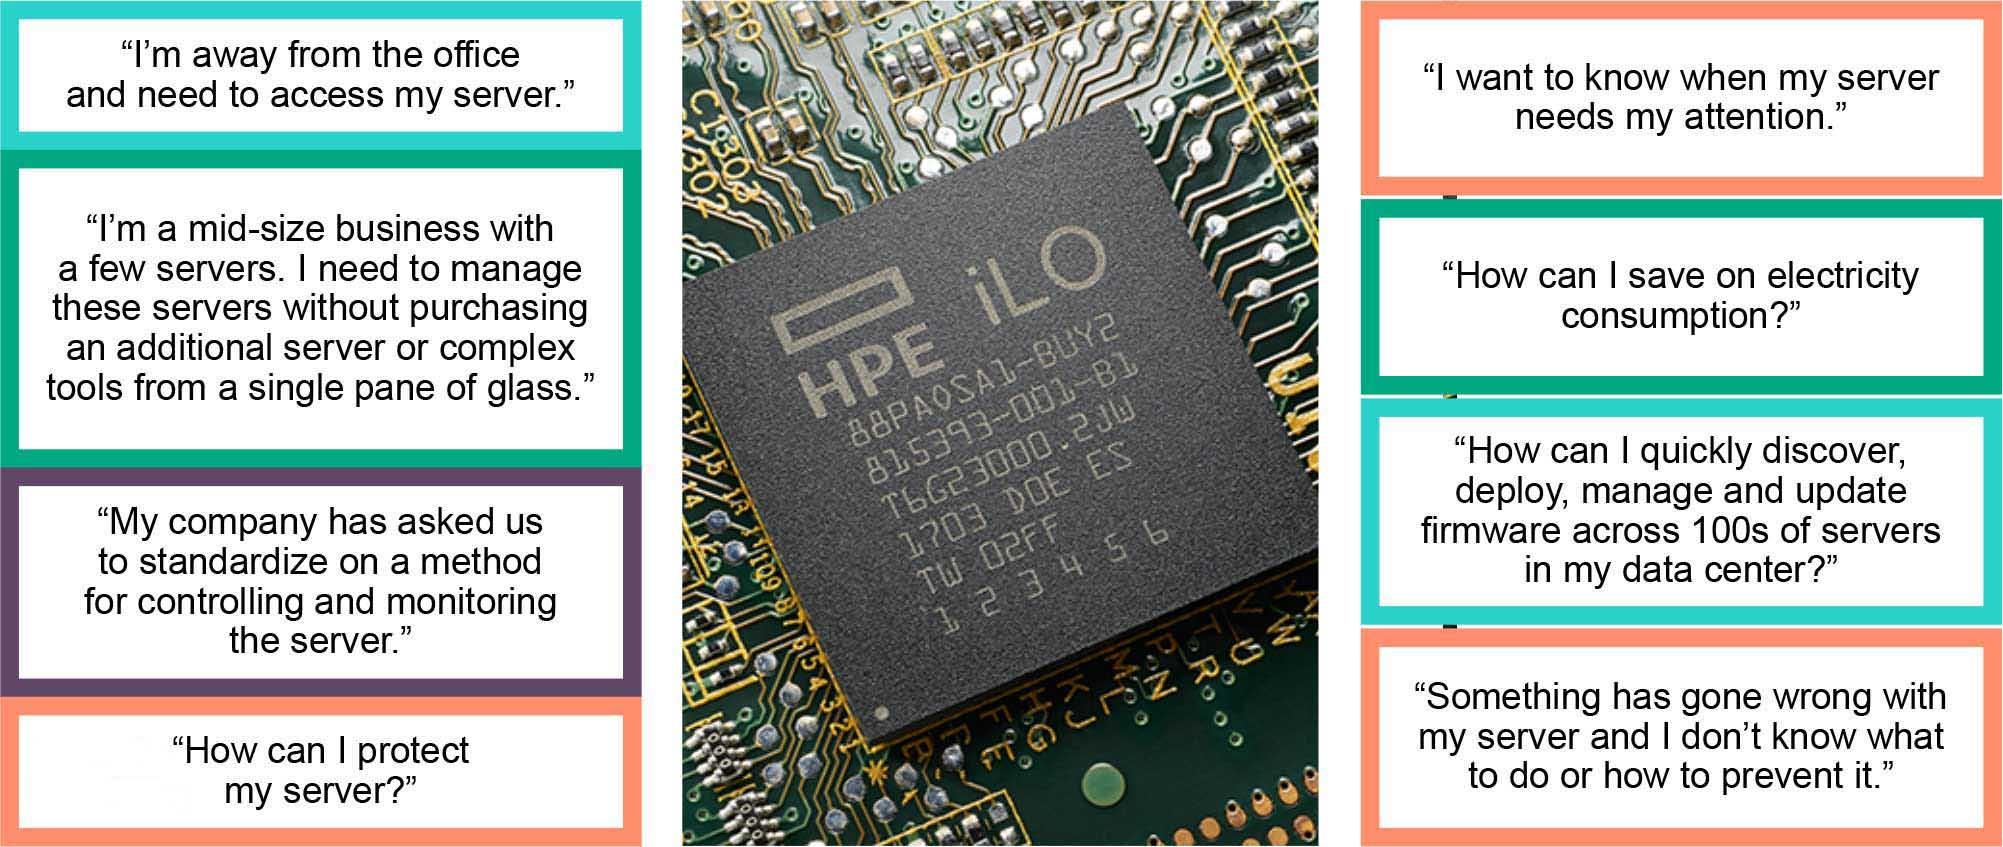 تکنولوژی ILO در سرورهای اچ پی